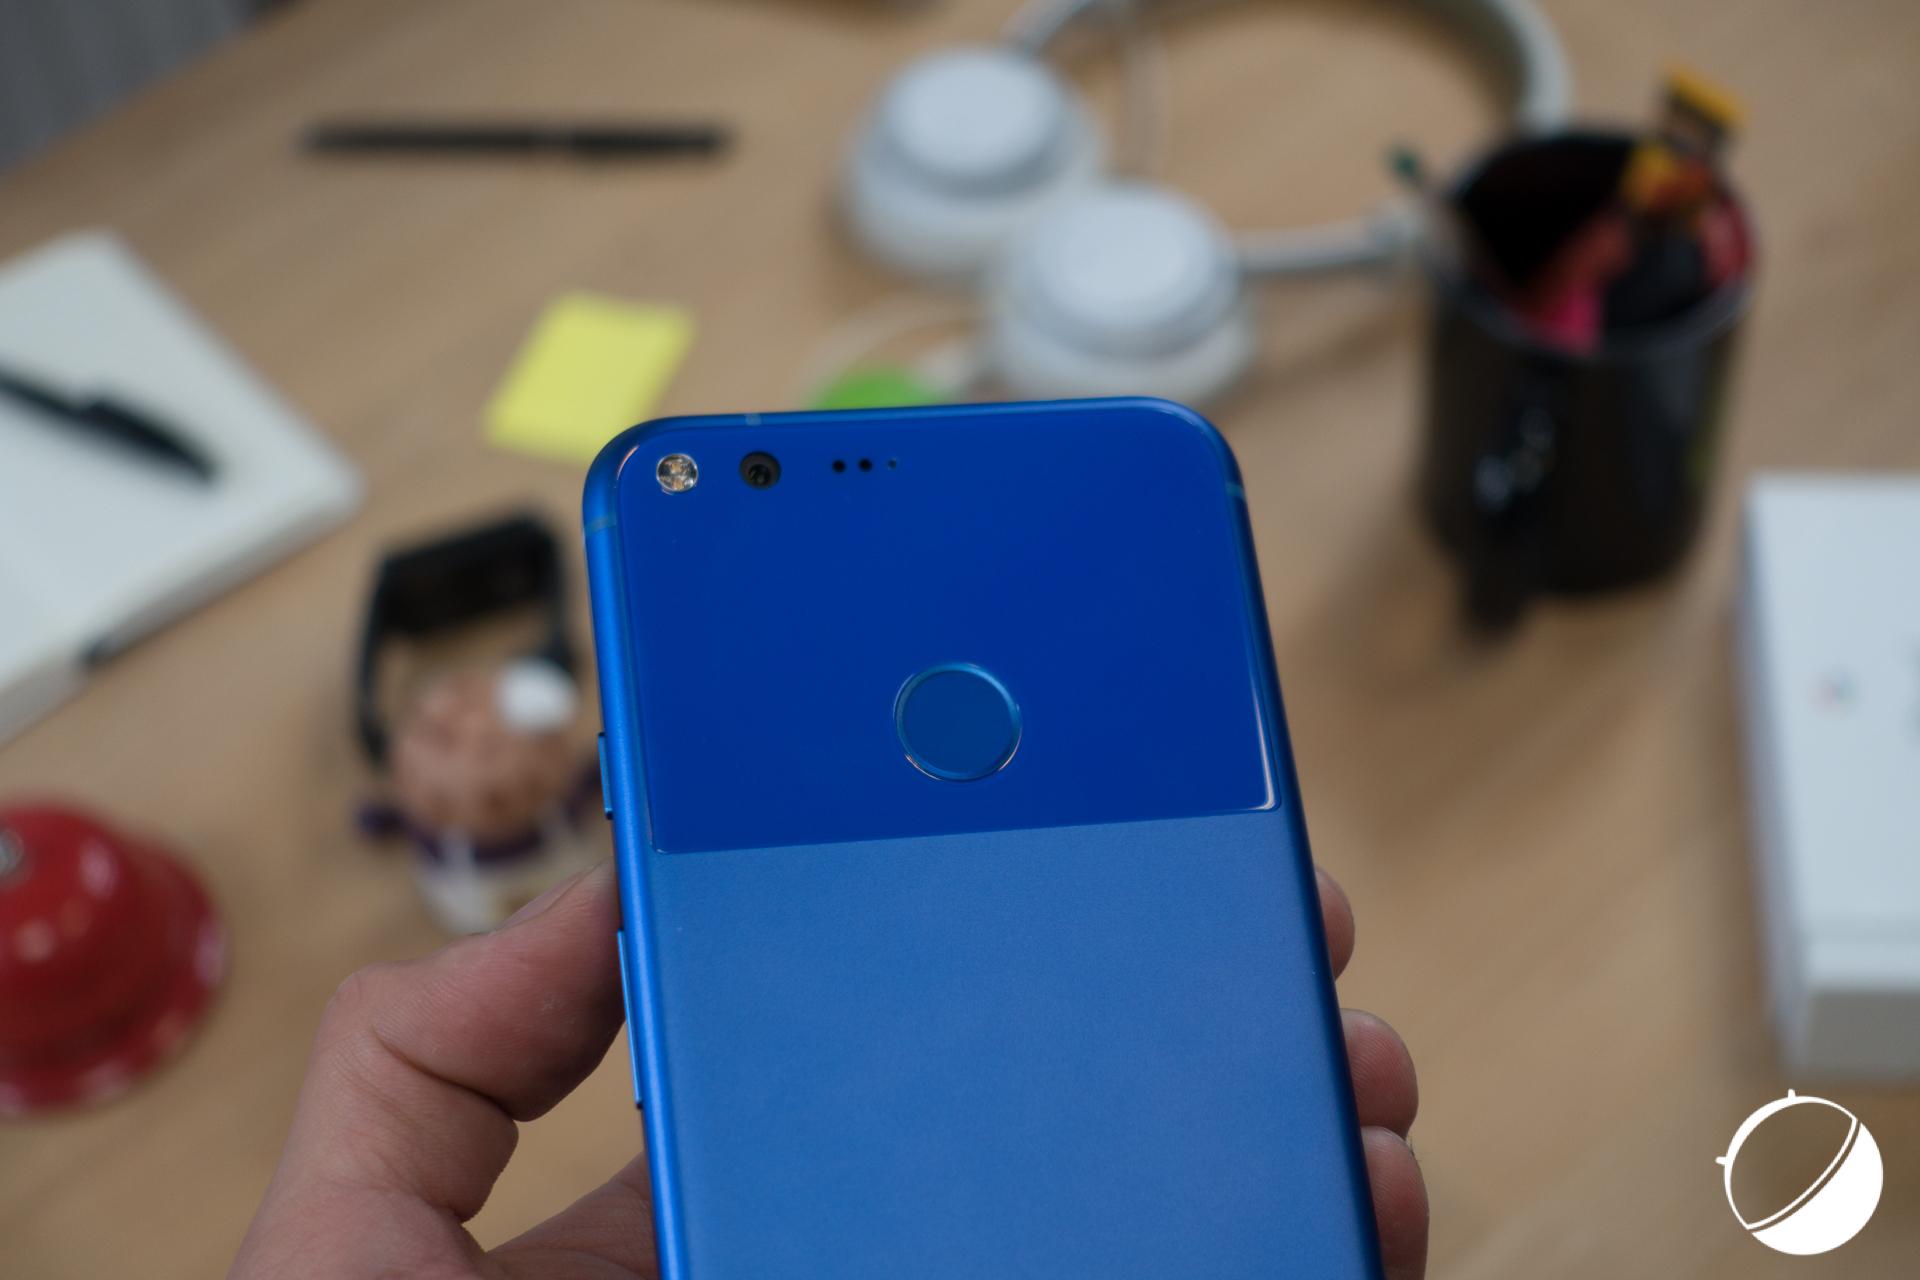 L'appareil photo du Google Pixel pose à nouveau problème à ses utilisateurs